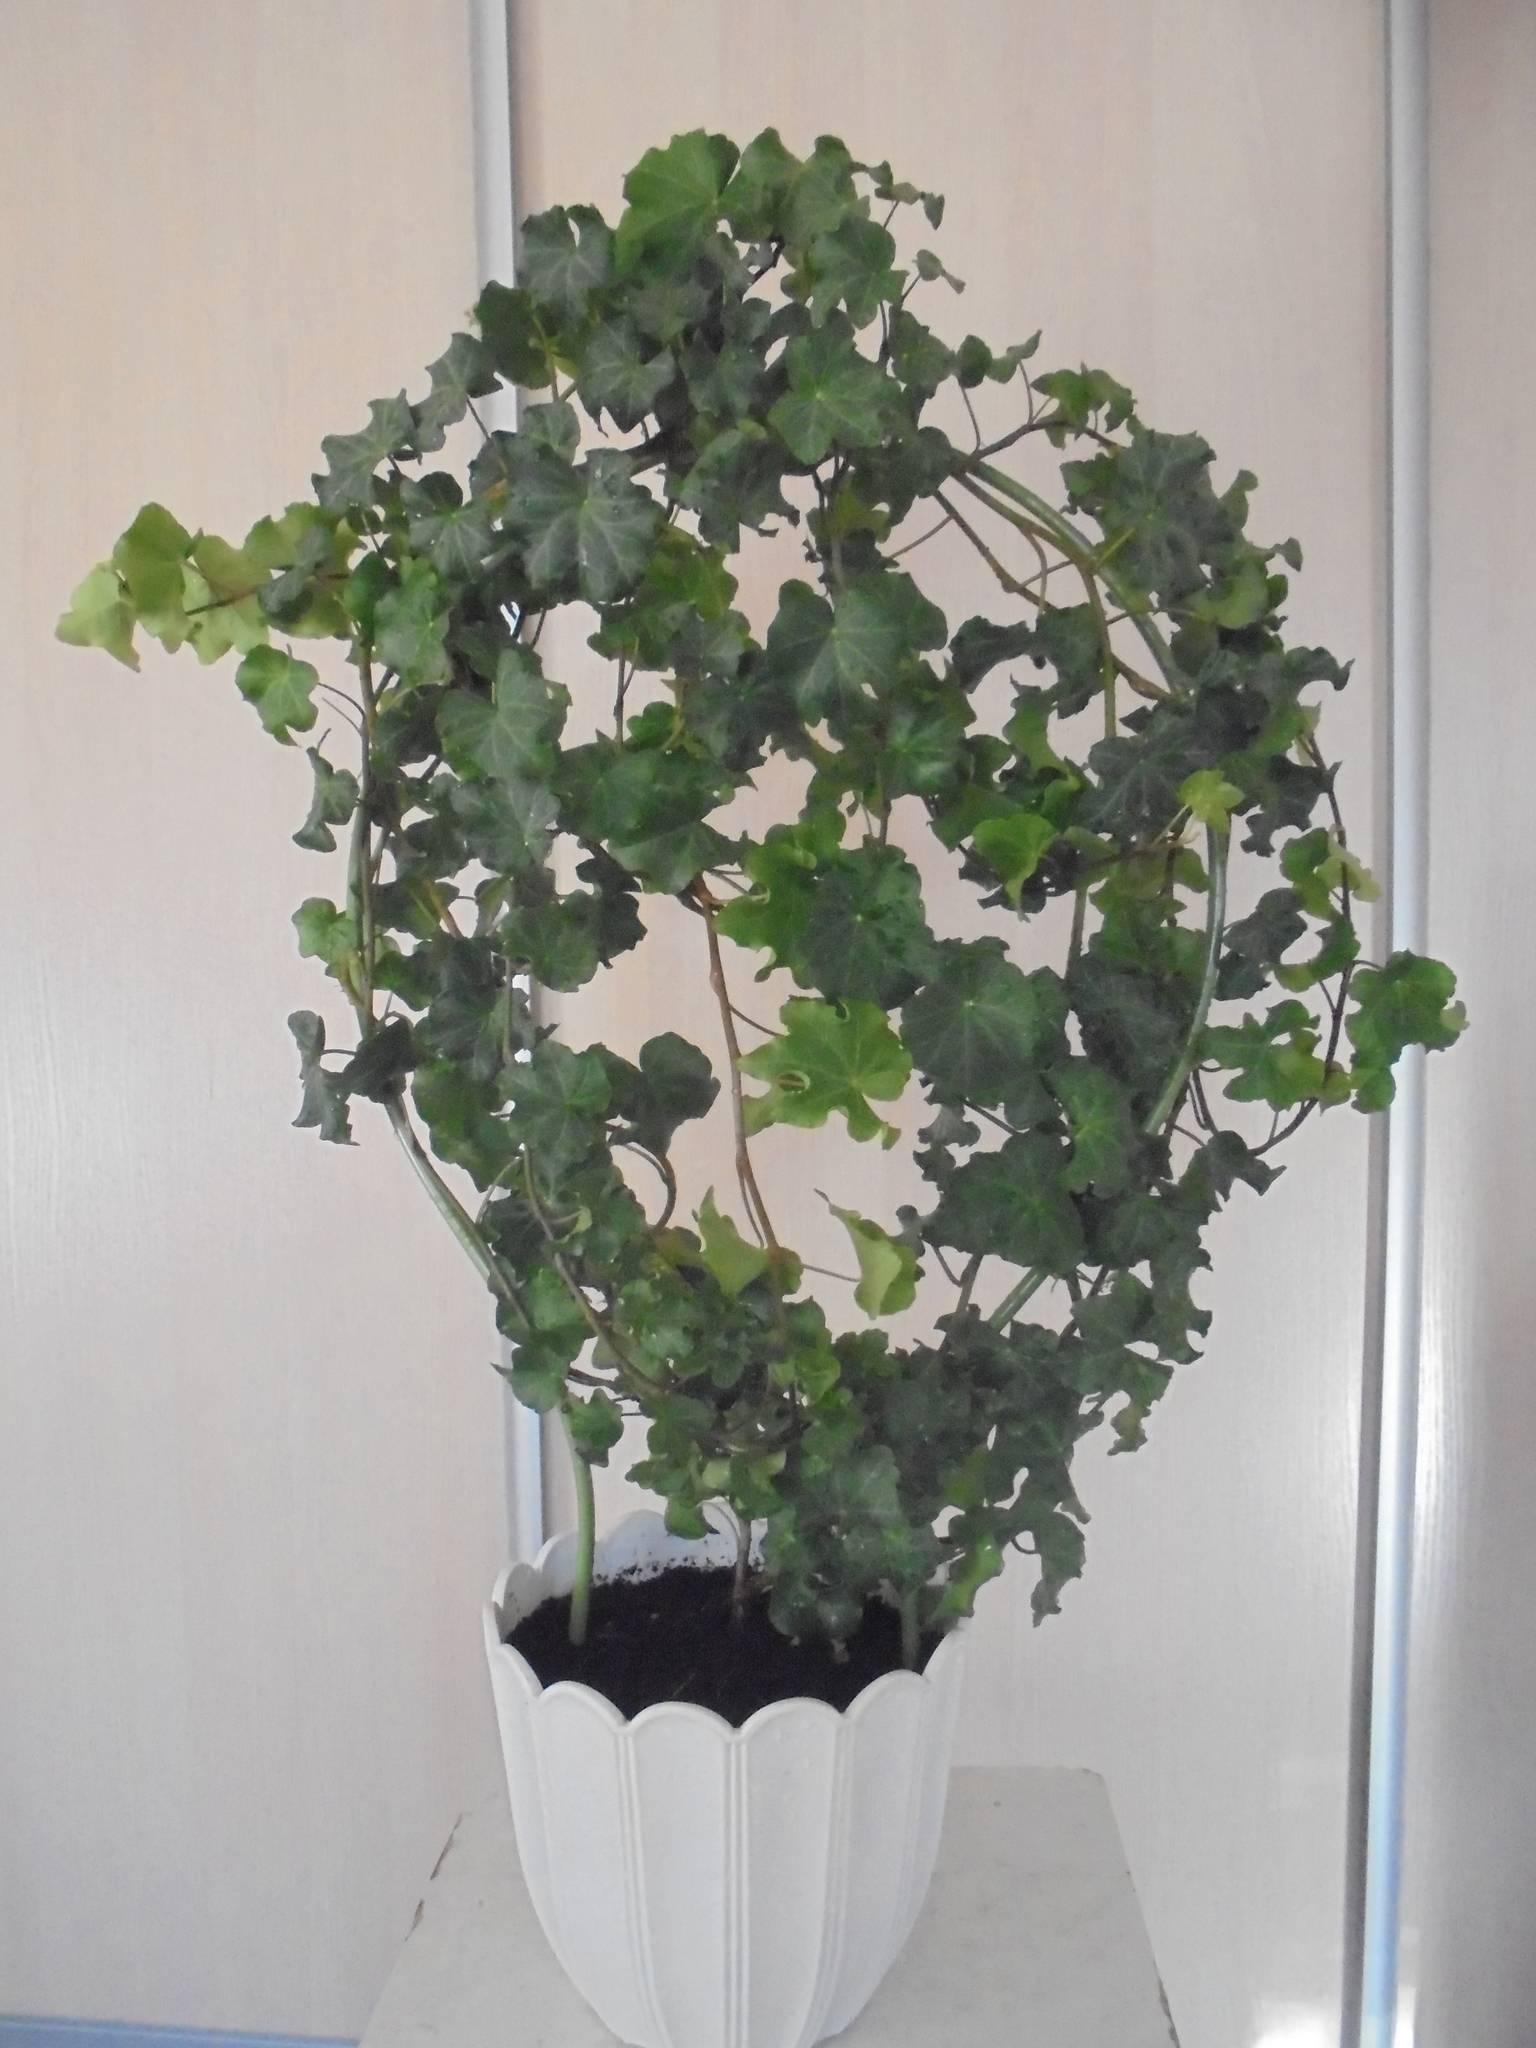 Хедера хеликс (комнатный плющ): уход в домашних условиях, размножение